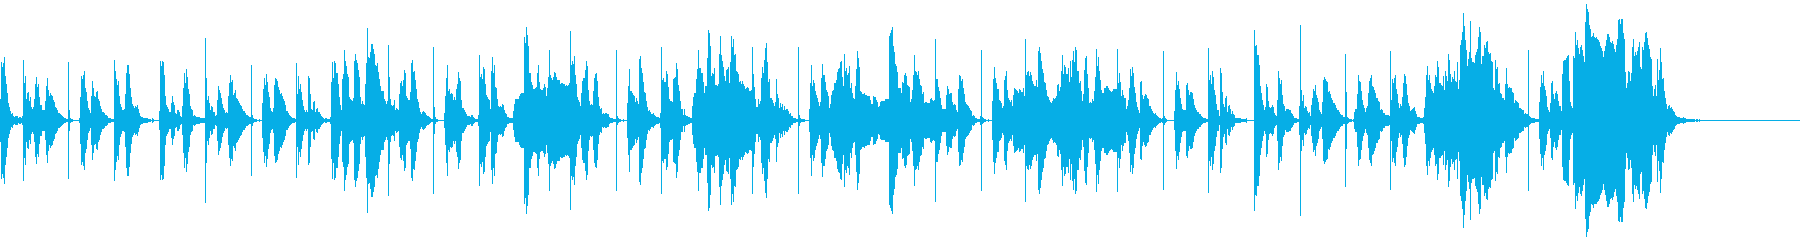 サスペンス~ブルースの進行で犯人の追跡~の再生済みの波形